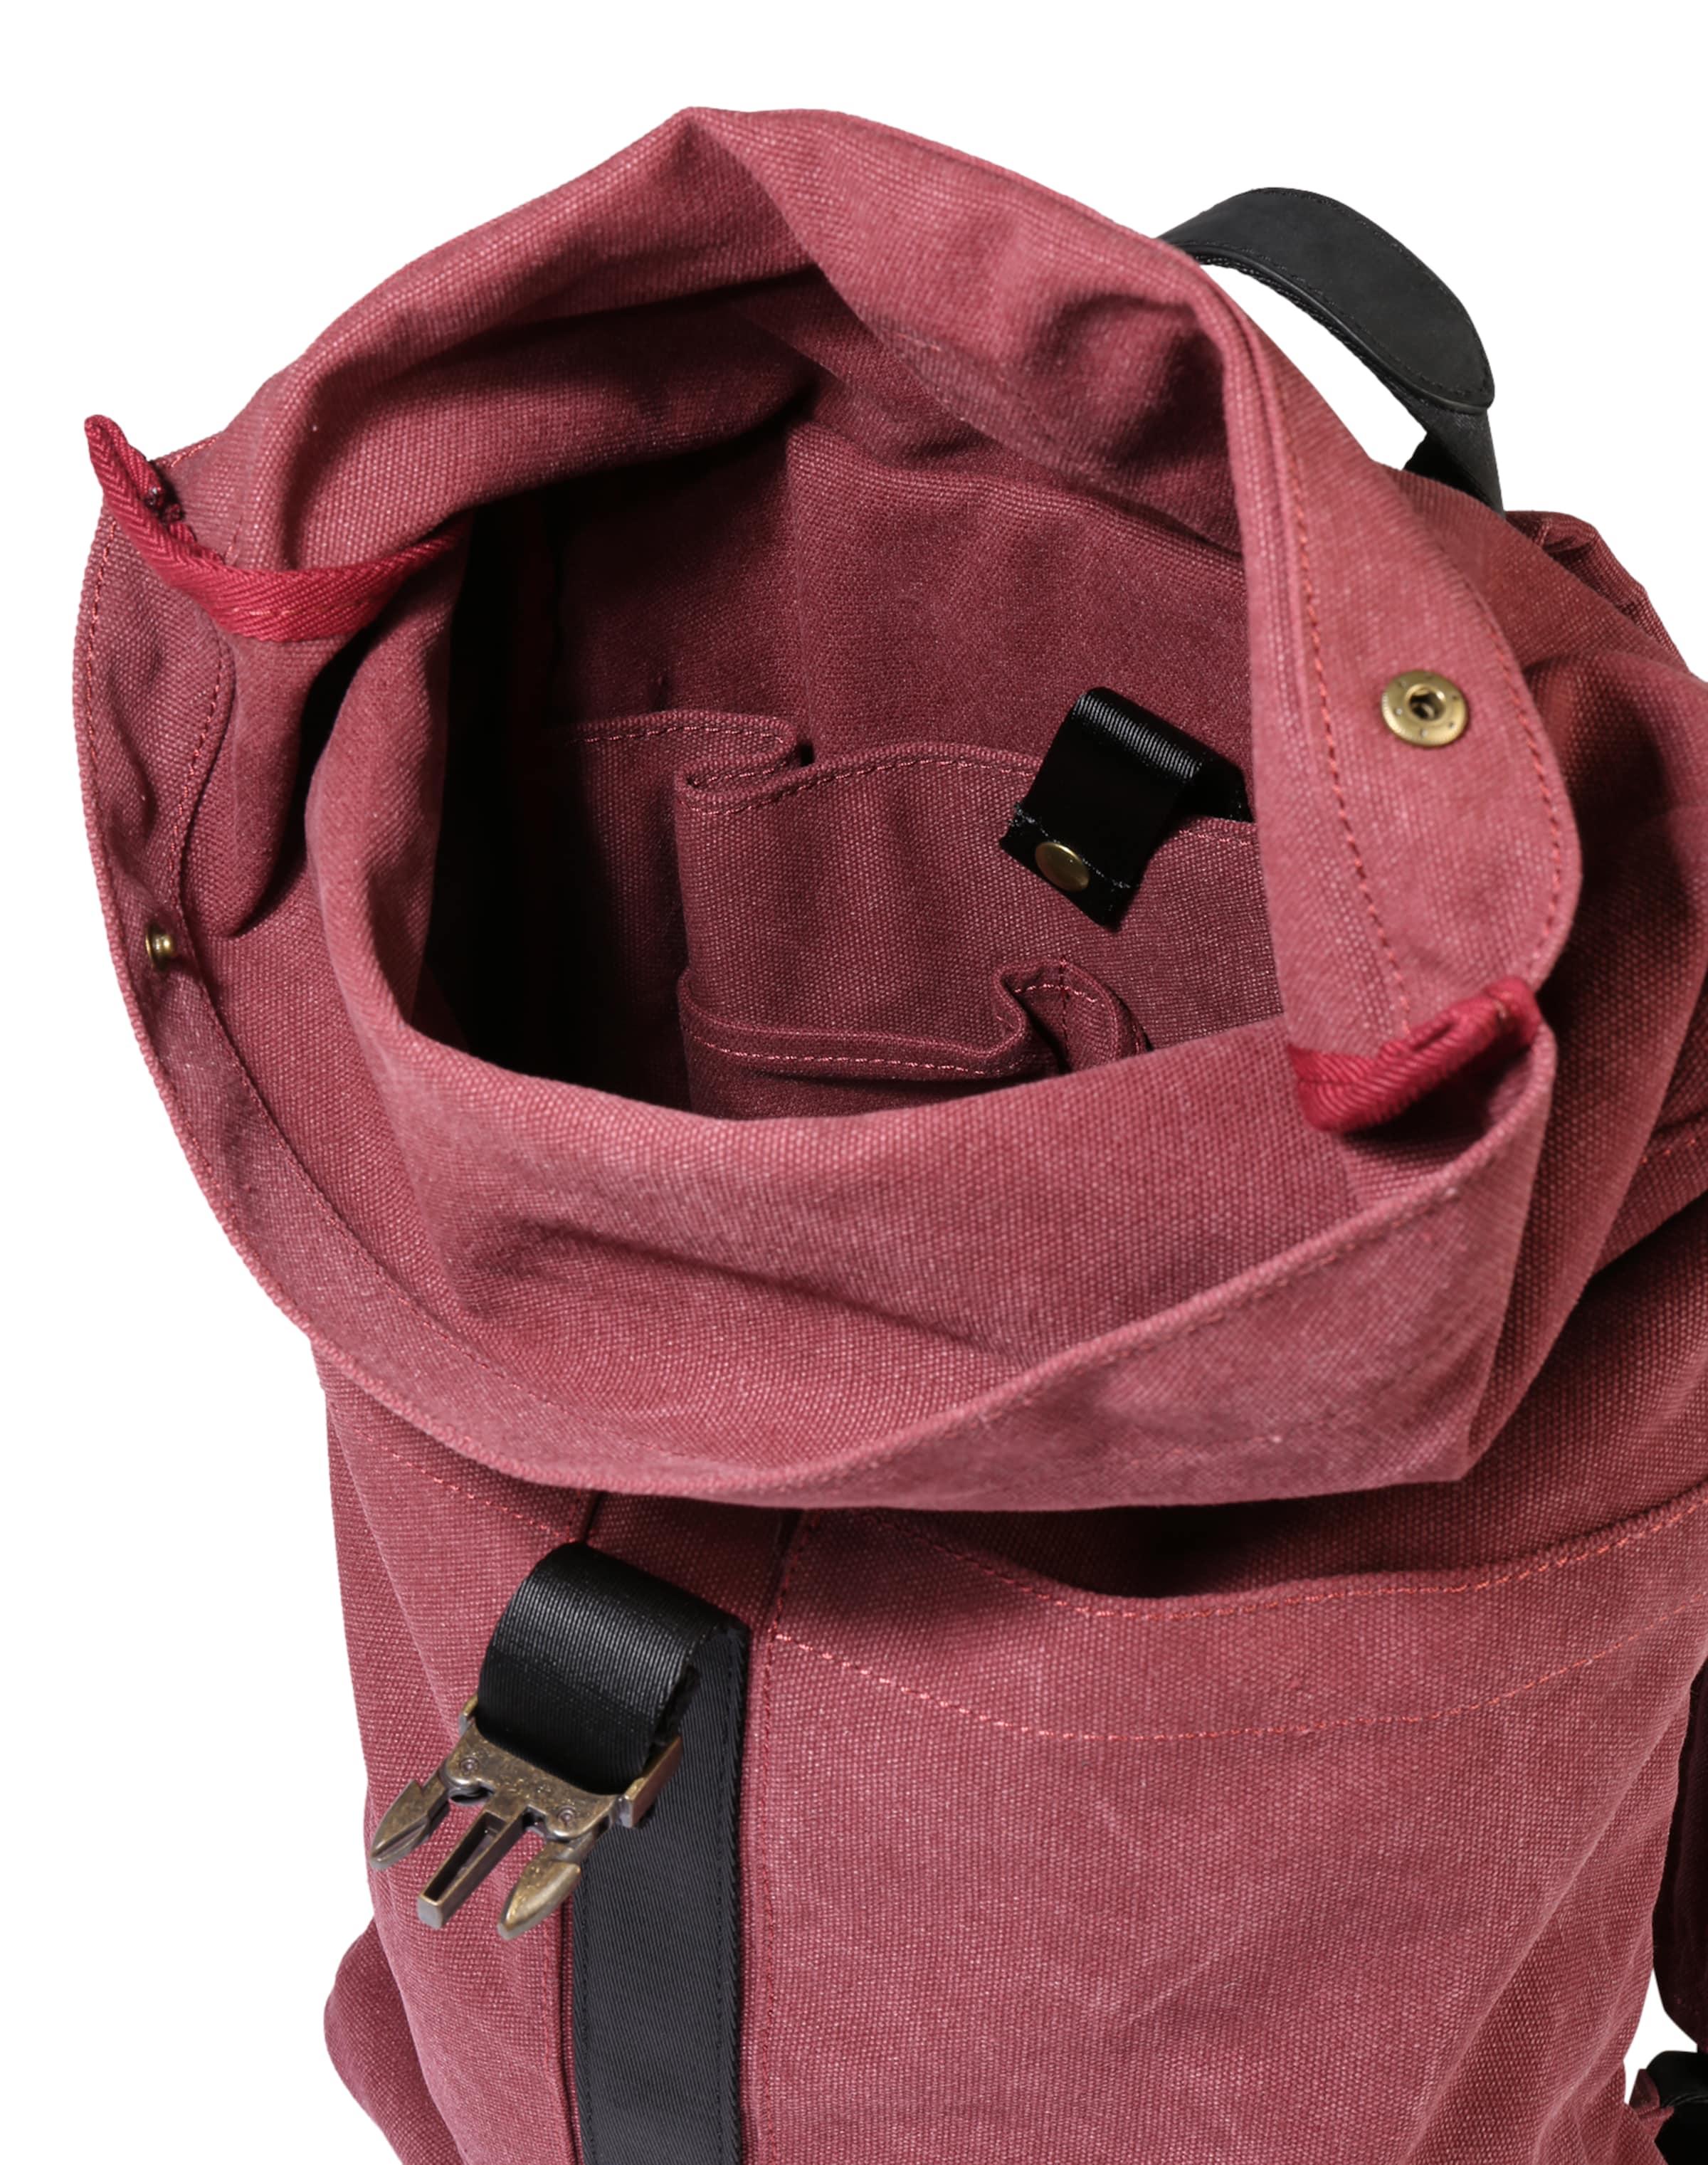 Preise Günstiger Preis Souve Bag Company Rucksack 'Portland' Mit Mastercard Günstig Online Freiheit 100% Garantiert QaO8x